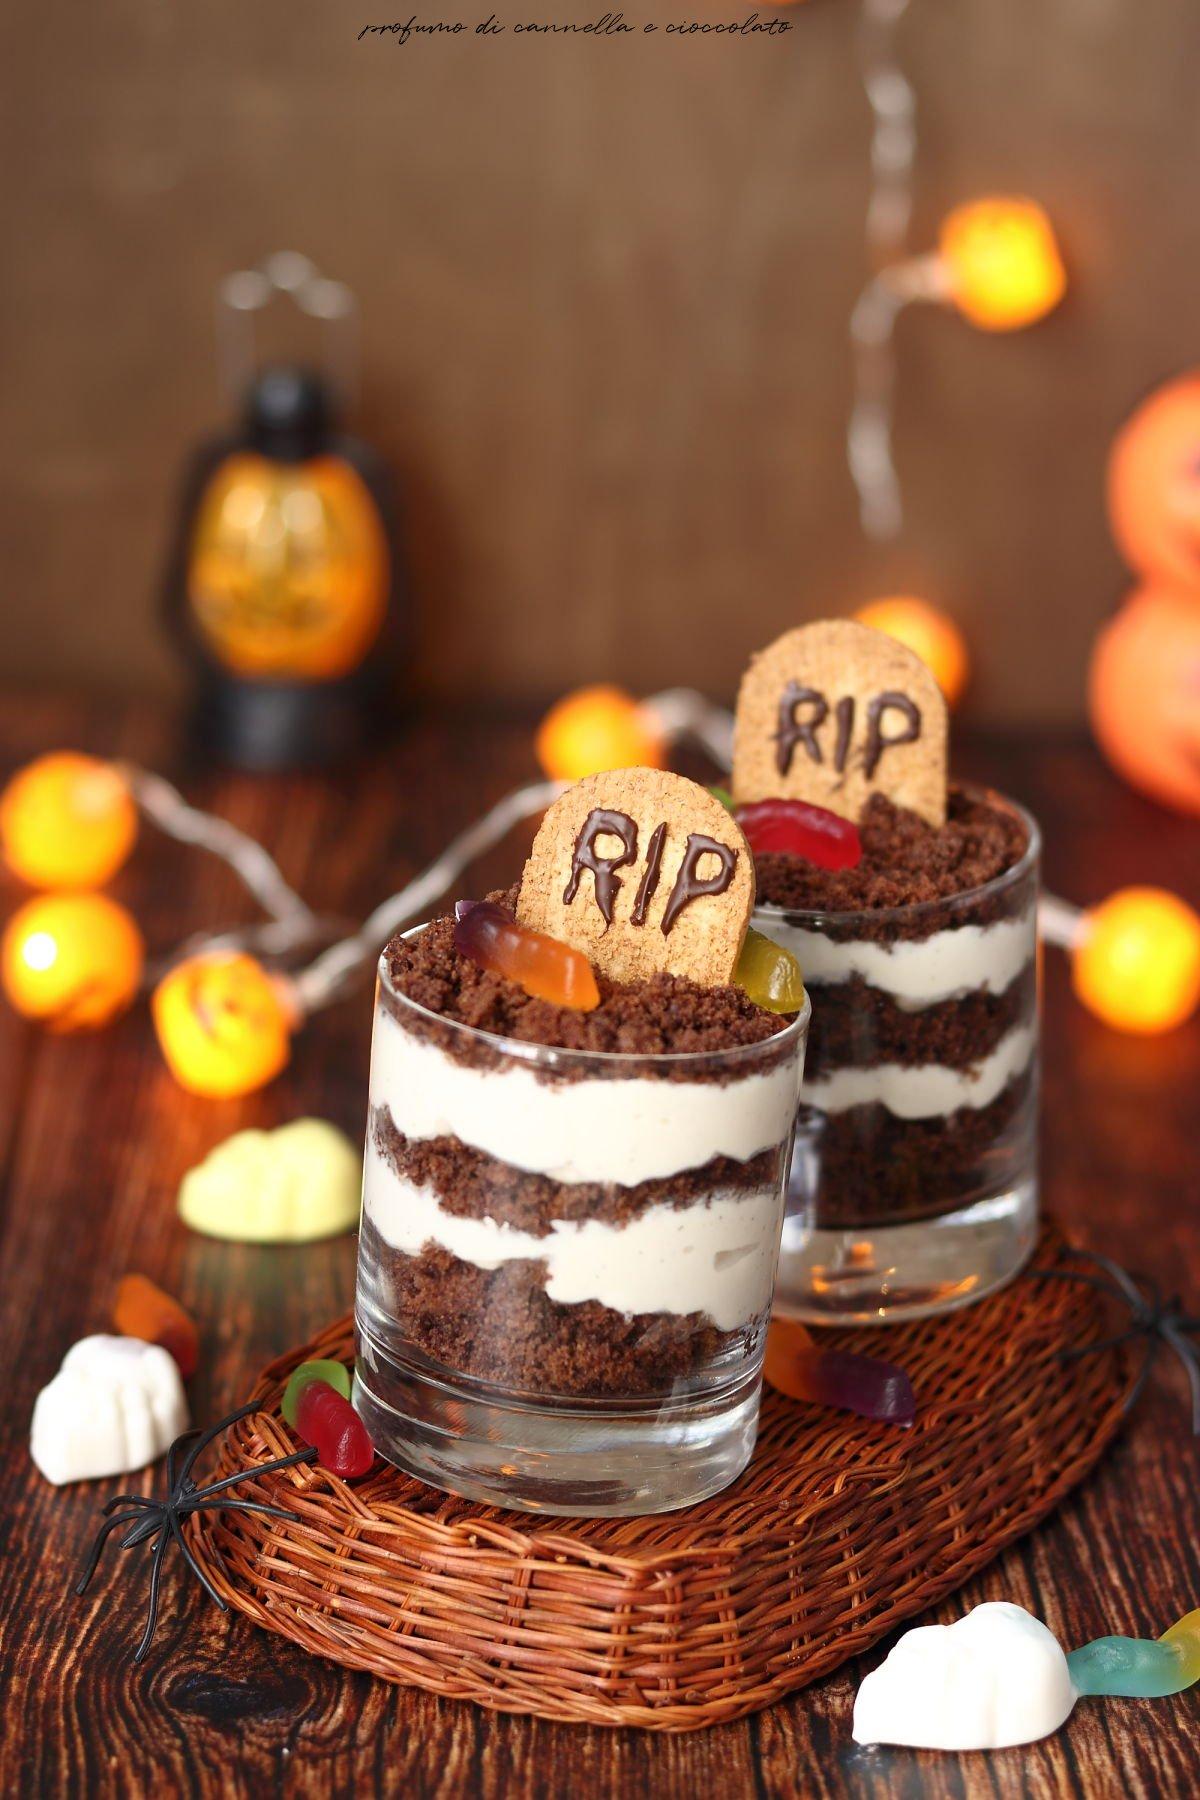 Bicchierini tomba per halloween